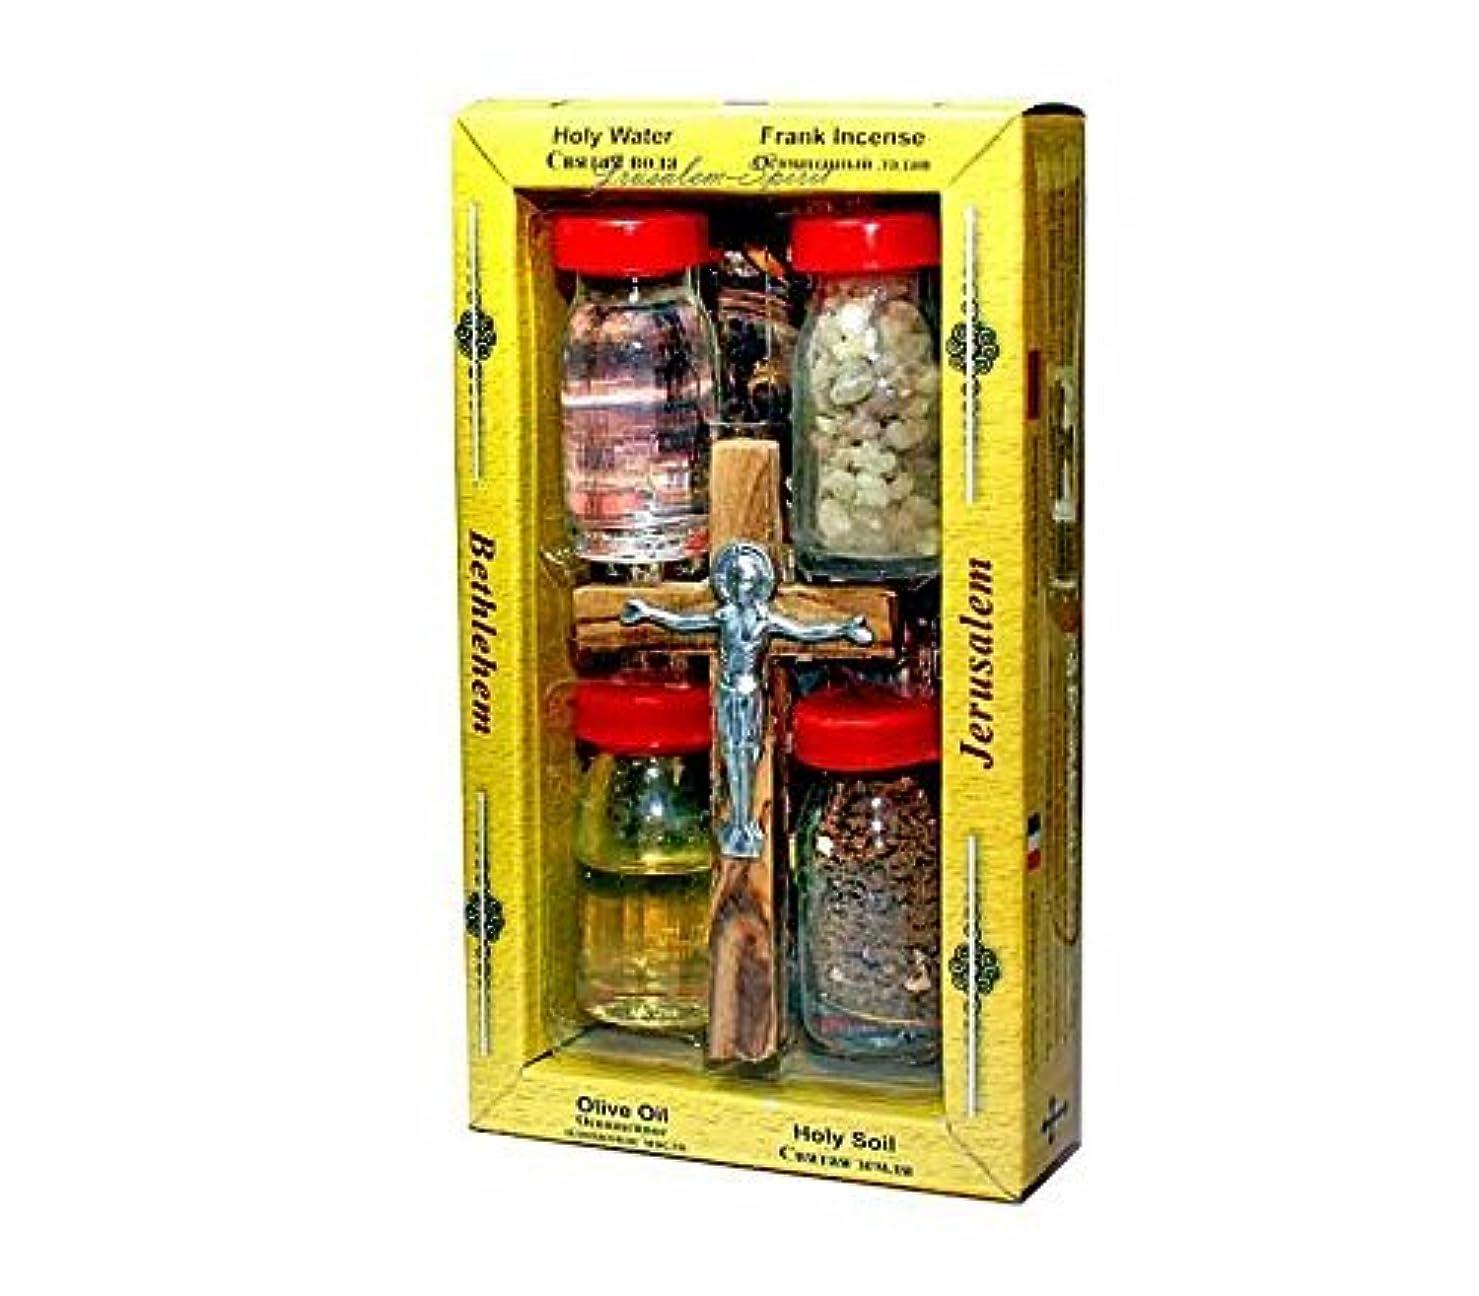 カート貴重な目指すオリーブウッド製クロスセット 4瓶 – 塗油 Bethlehem Gifts TM 製ヨルダン川の水 聖なる地球と香